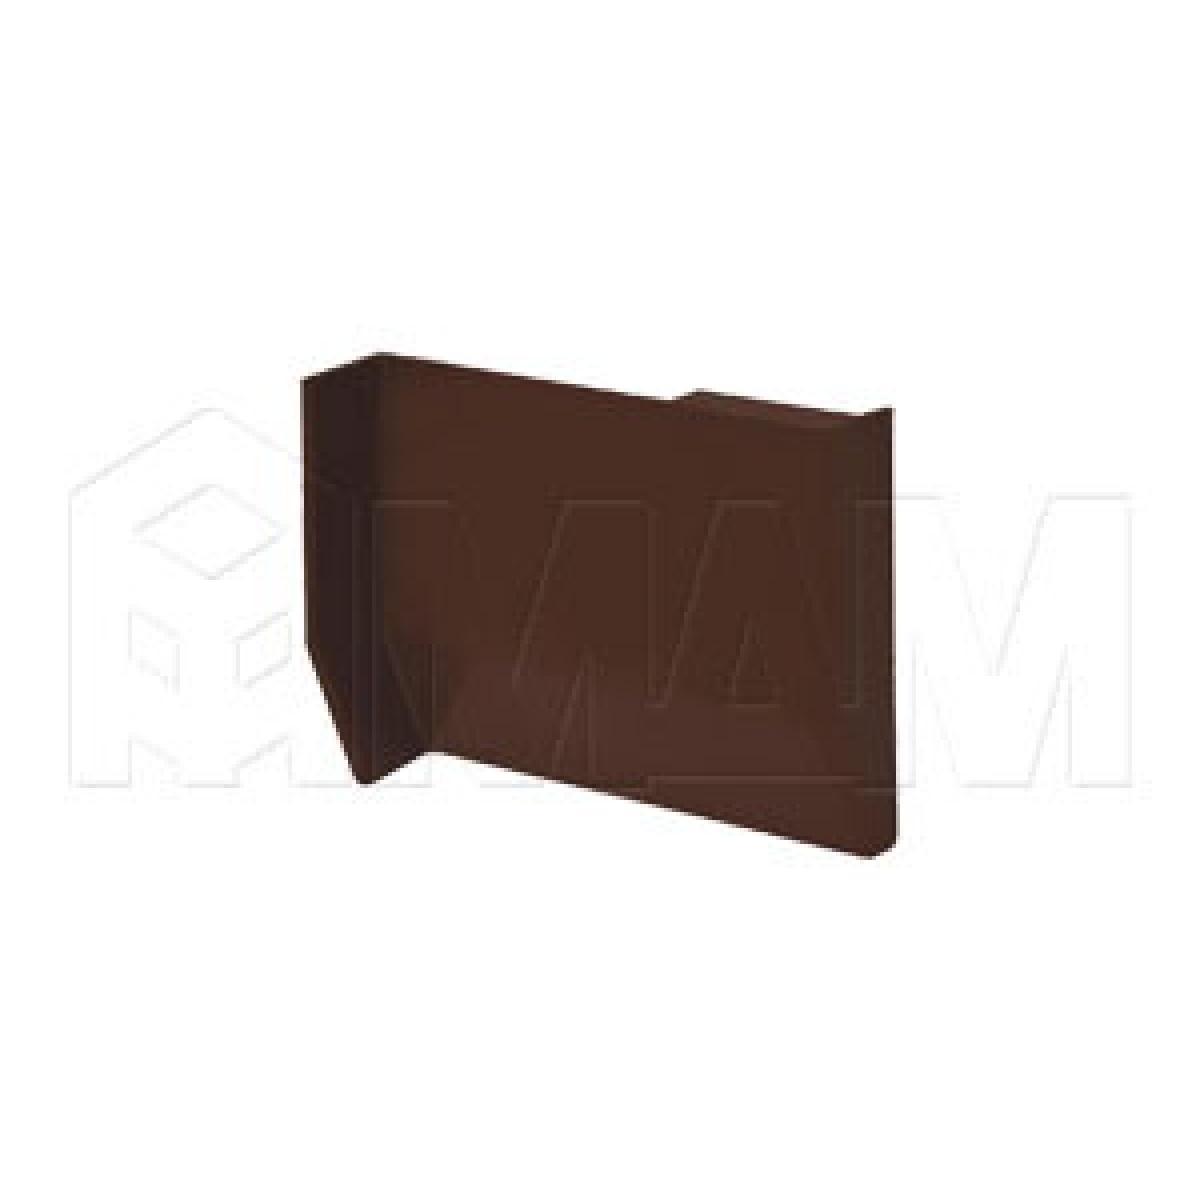 801 Заглушка для мебельного навеса, пластик, темно-коричневая, правая